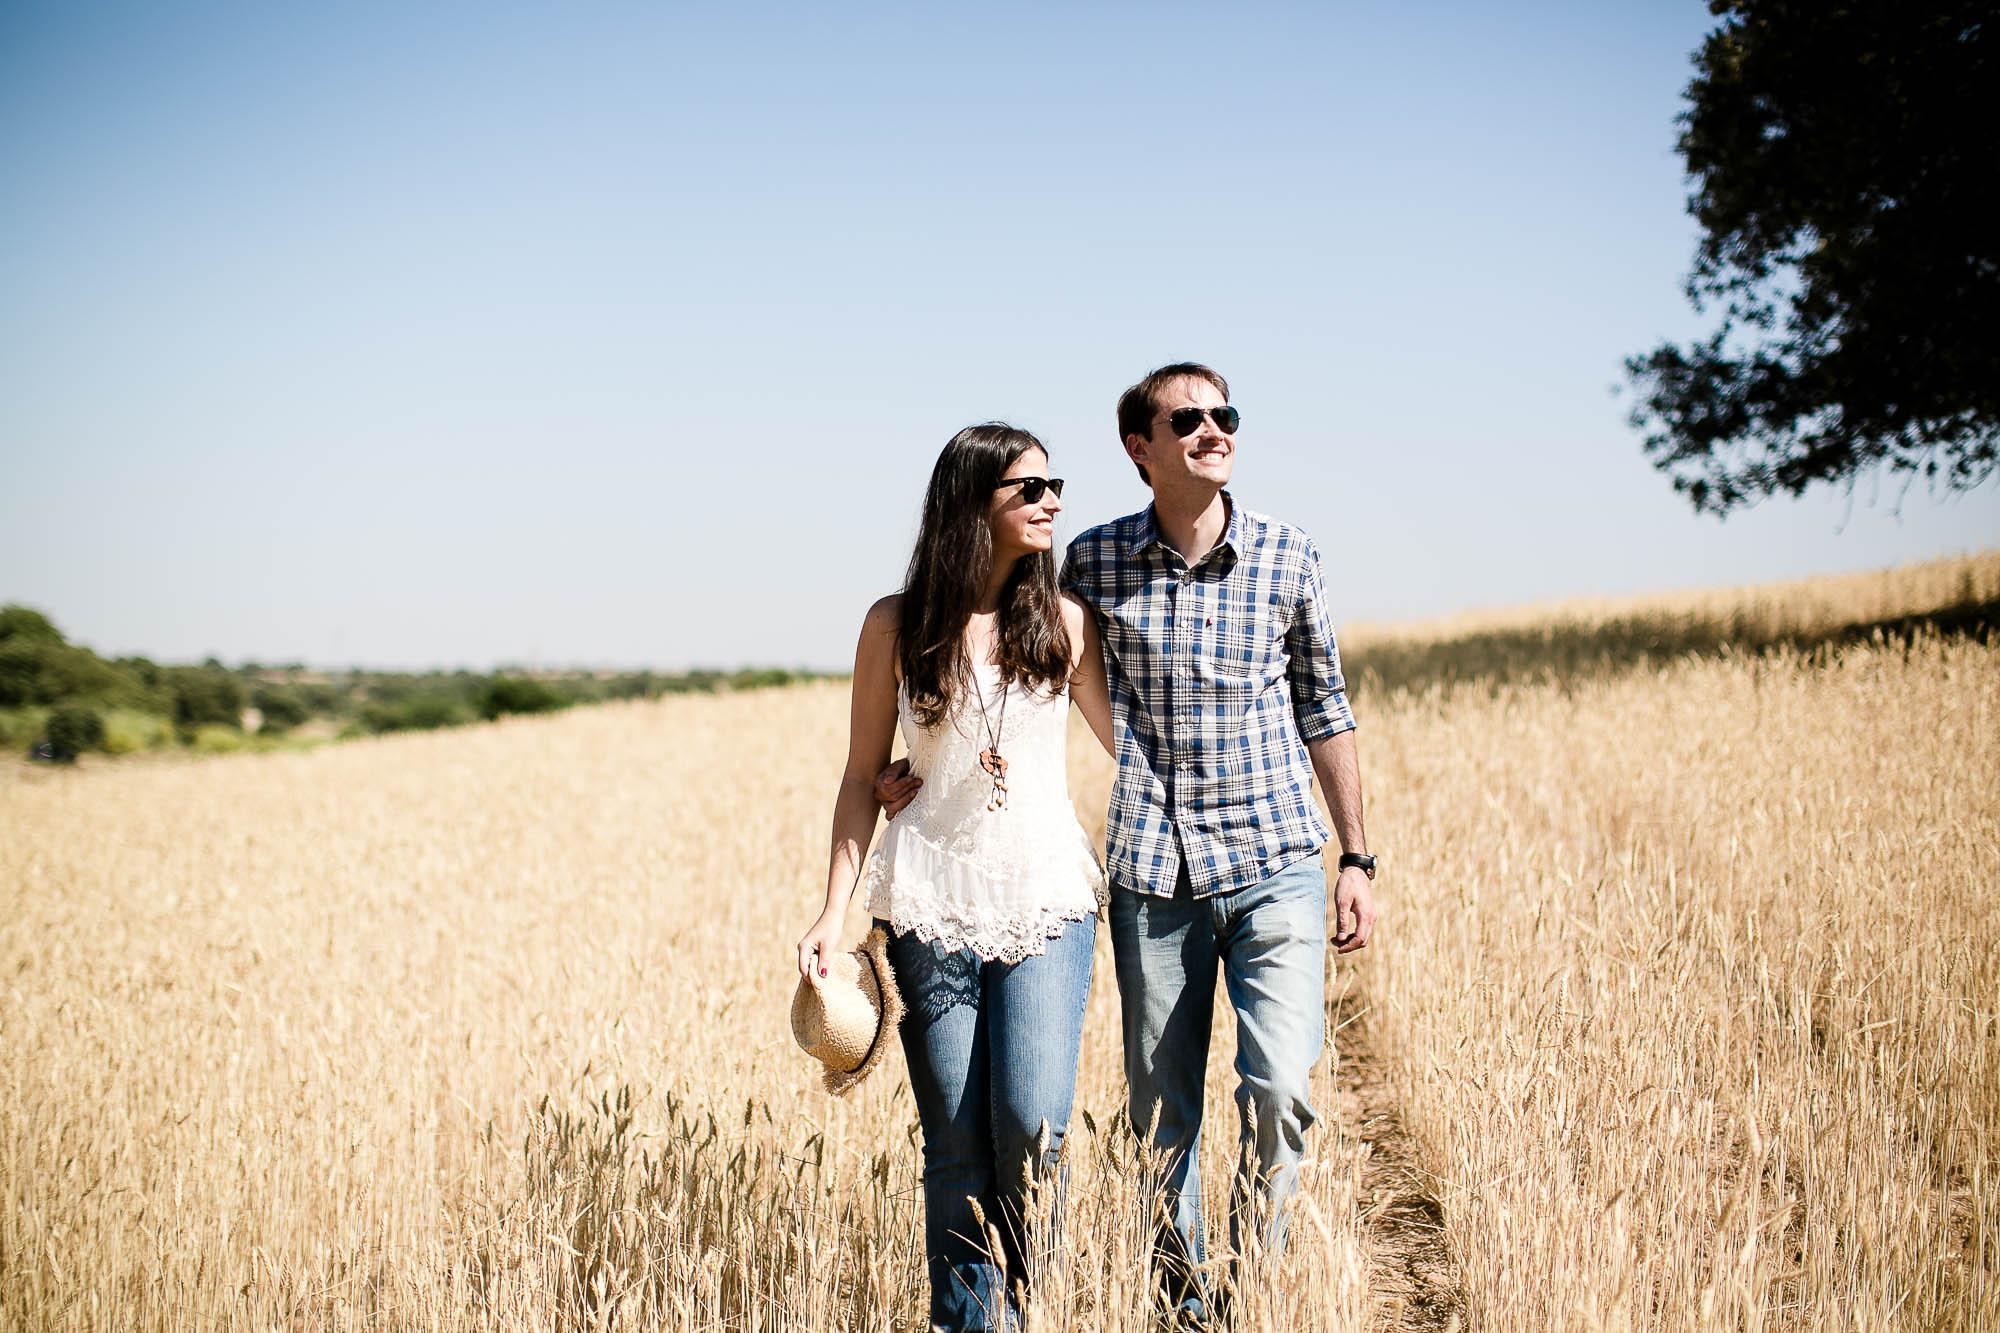 La pareja sonriente pasea abrazada por el campo en un día soleado